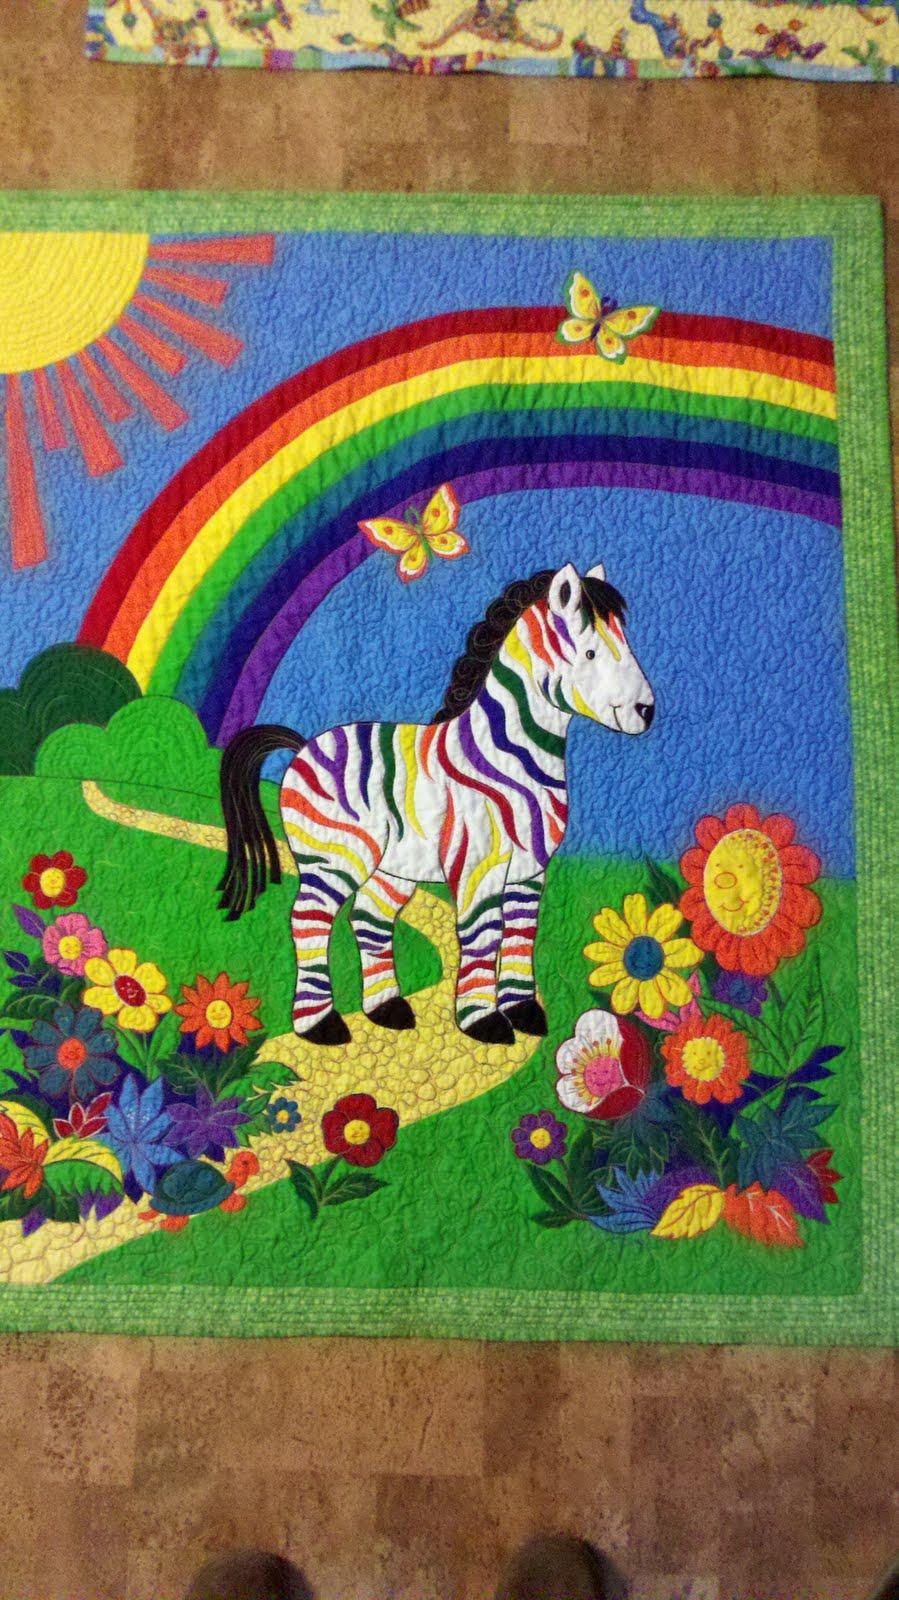 Sew-Much-Better: Rainbow zebra quilt